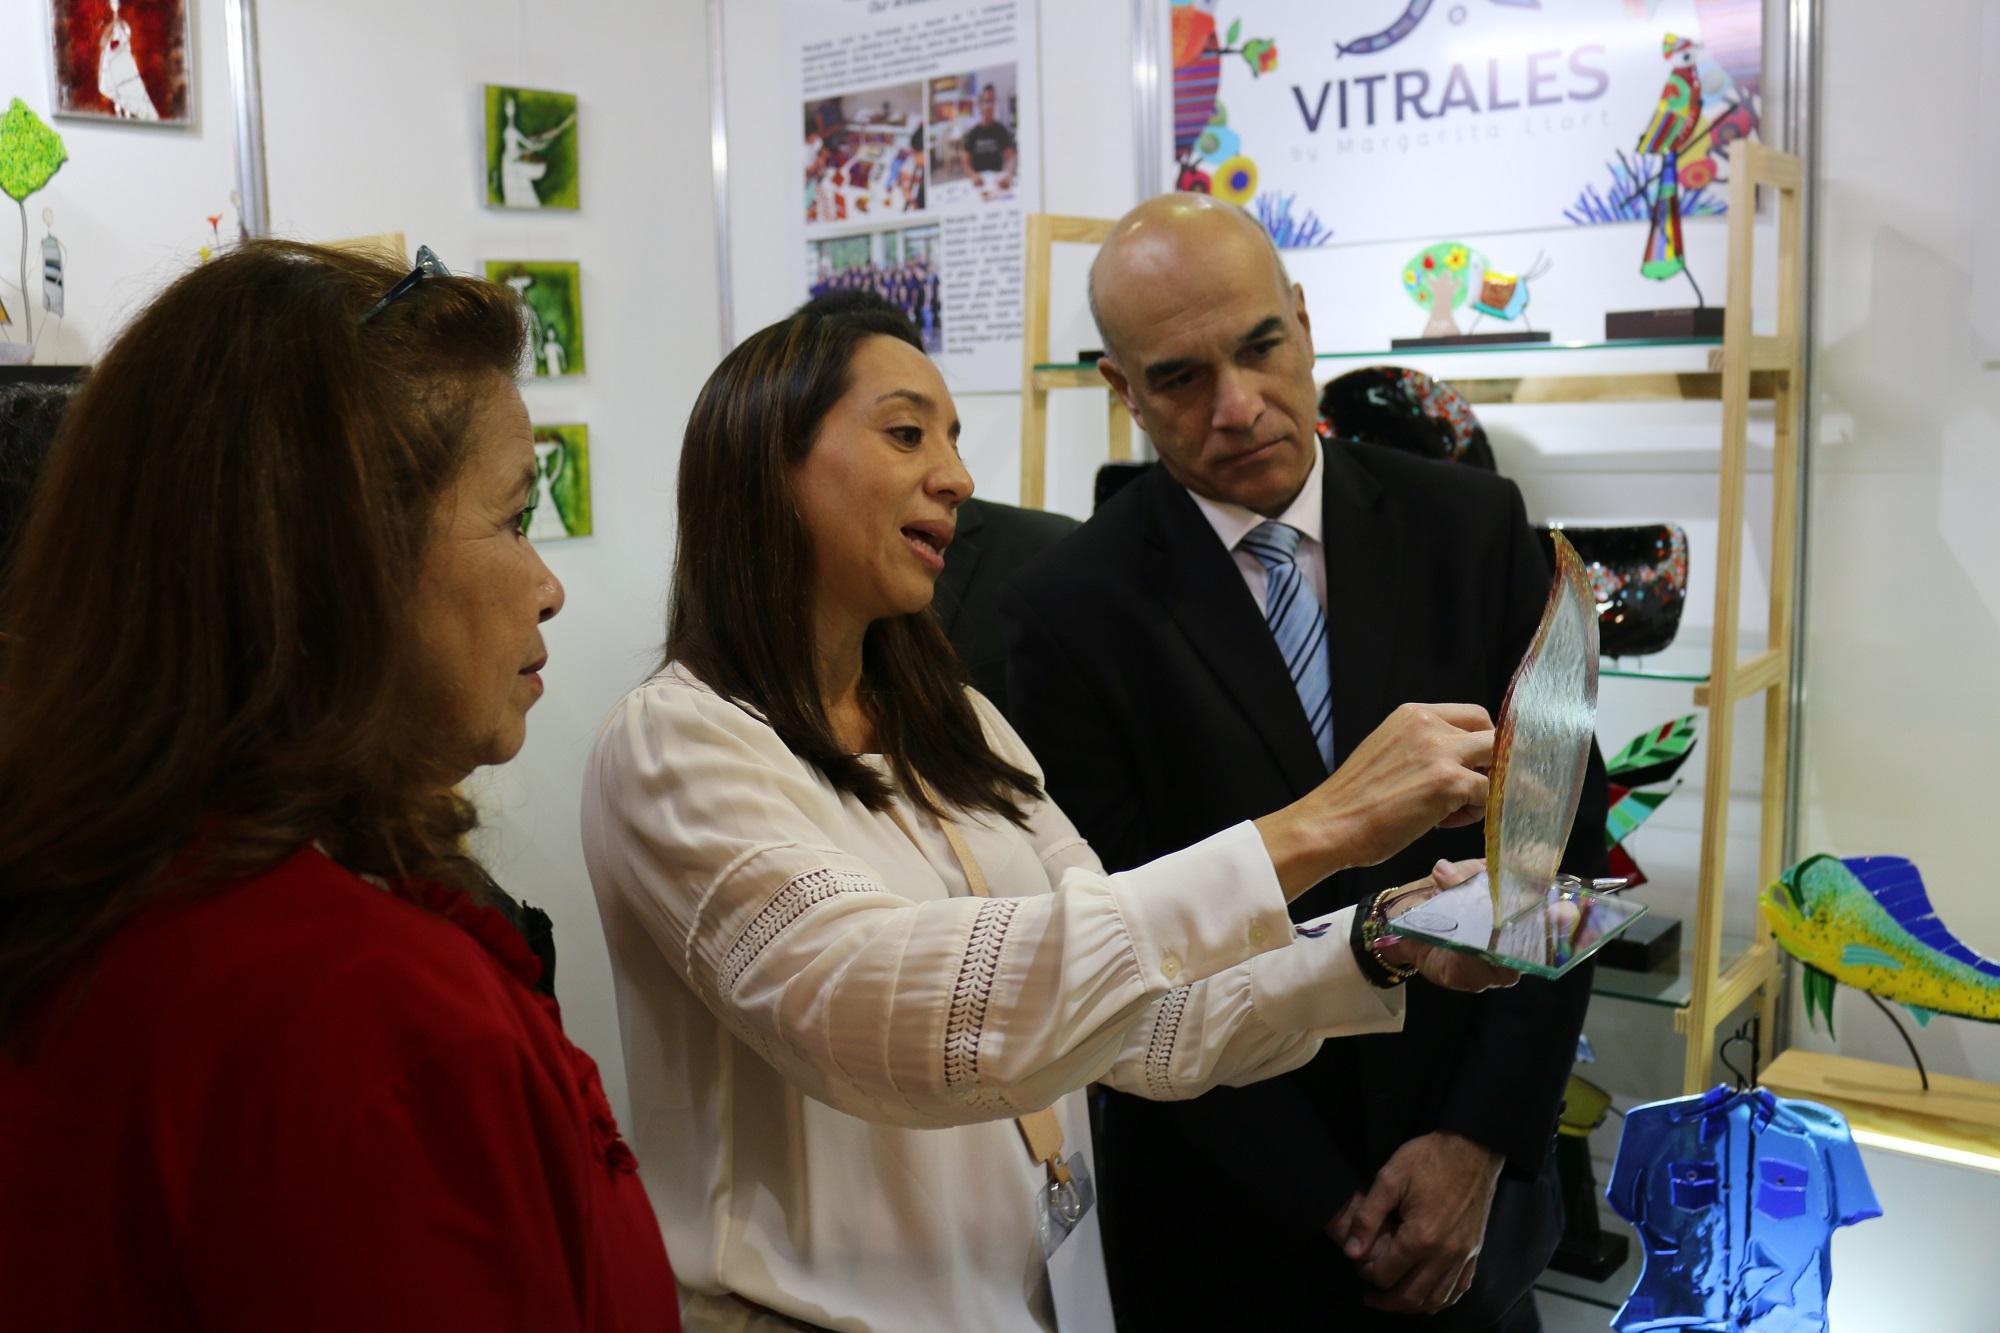 Fanny D. Estrada y Amador Carballido, viendo artesanías.jpg